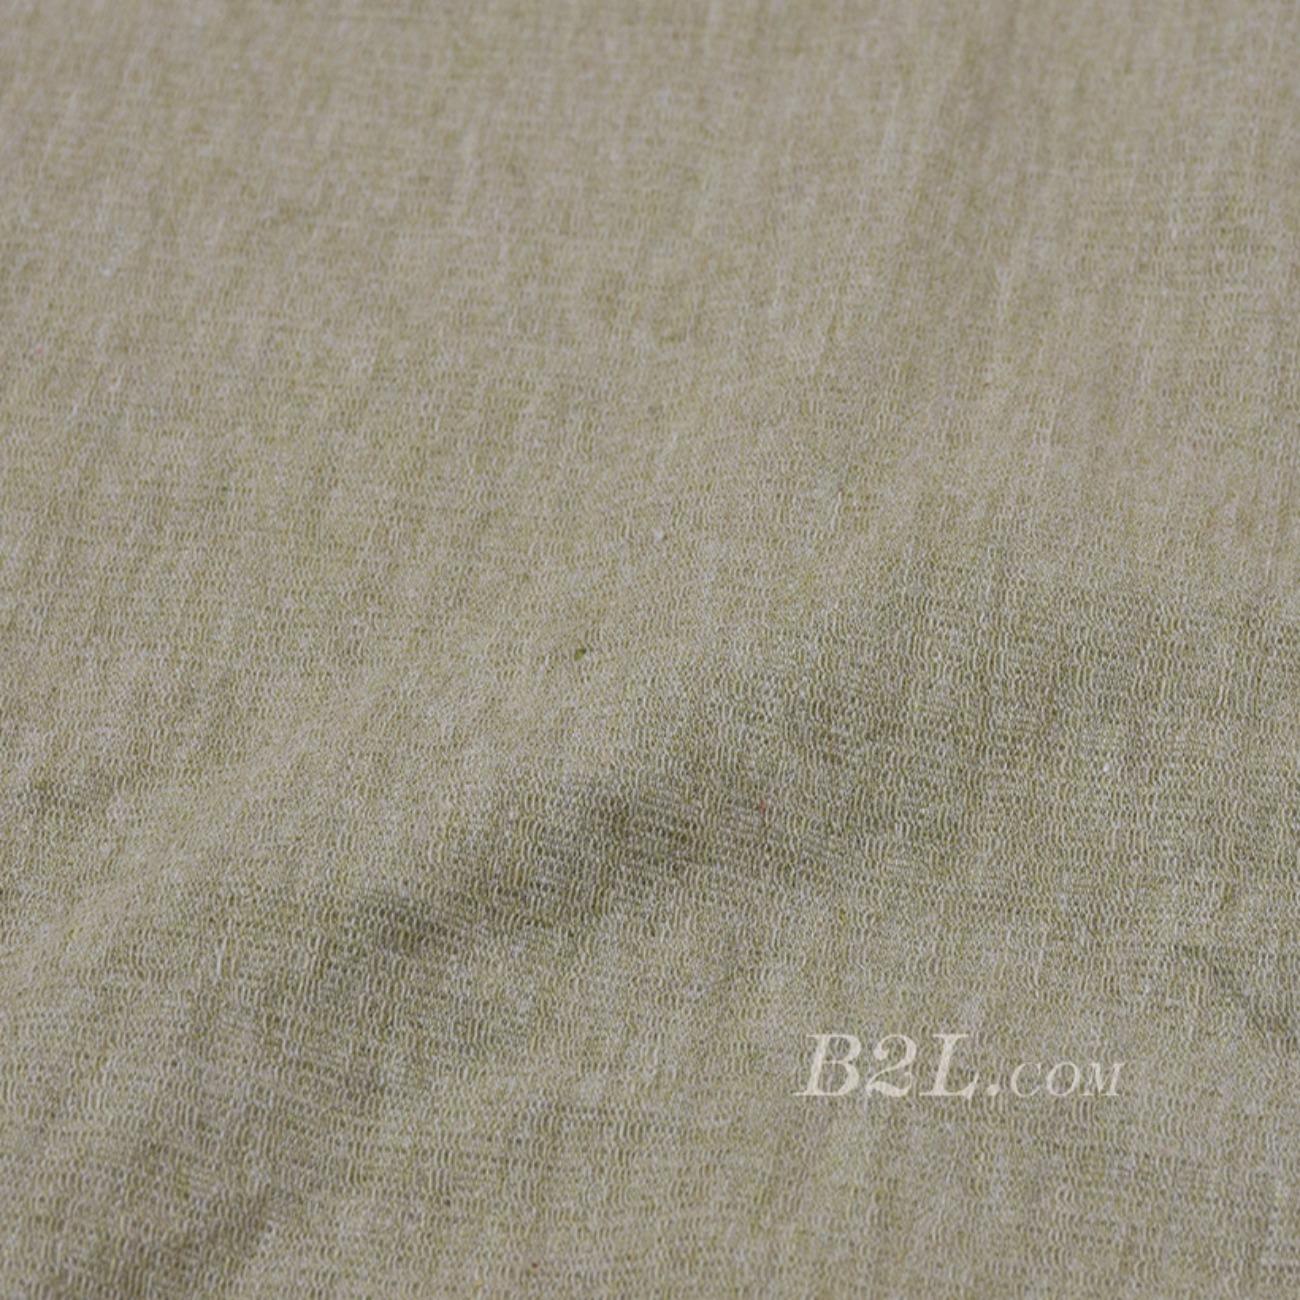 素色 针织 高弹 柔软 针织衫 女装 春秋 80518-22